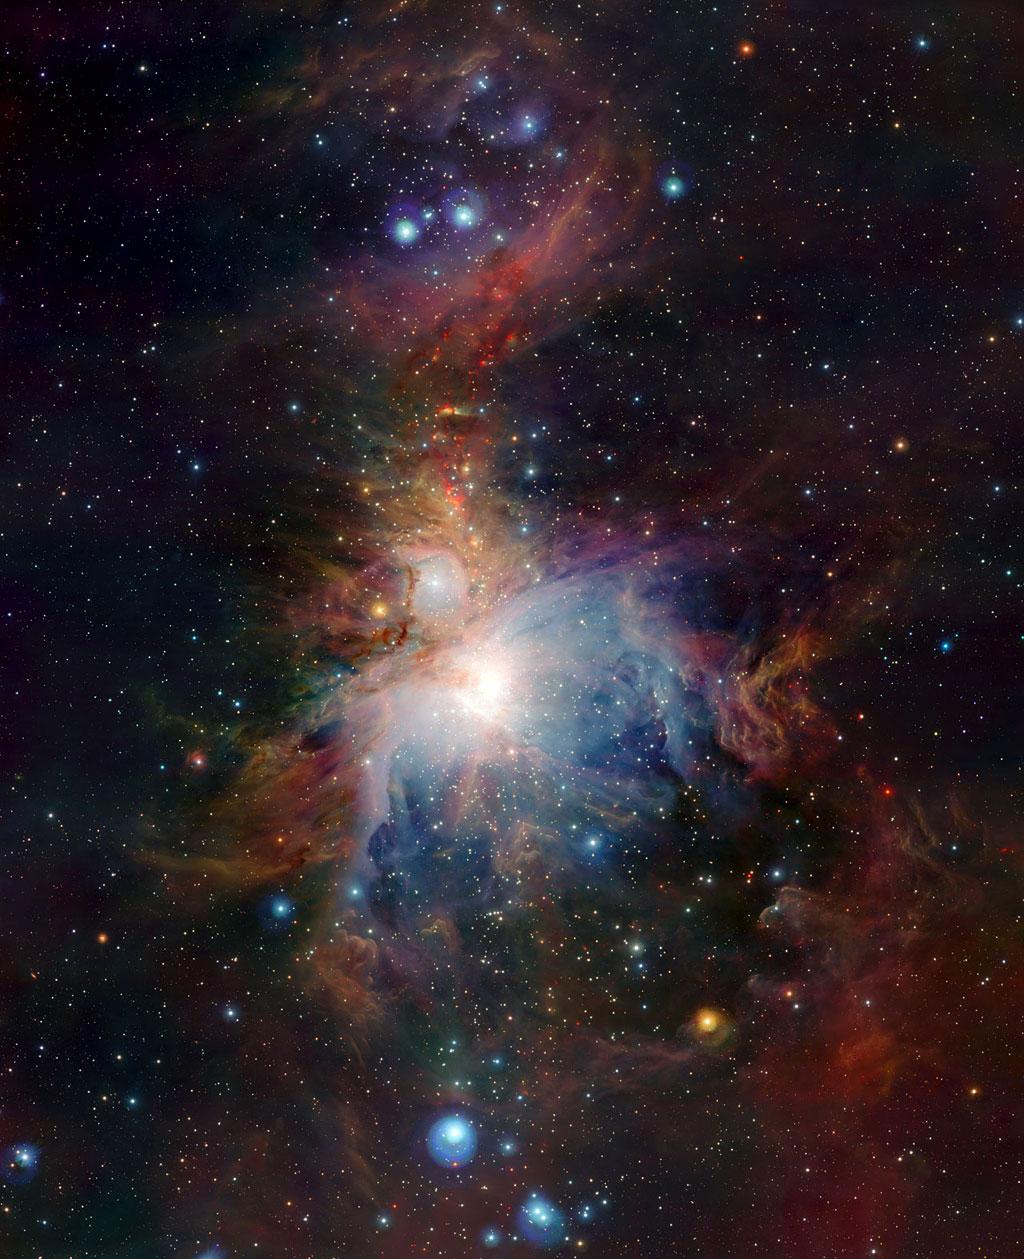 Туманность Ориона (M 42) от телескопа VISTA. Credit: ESO